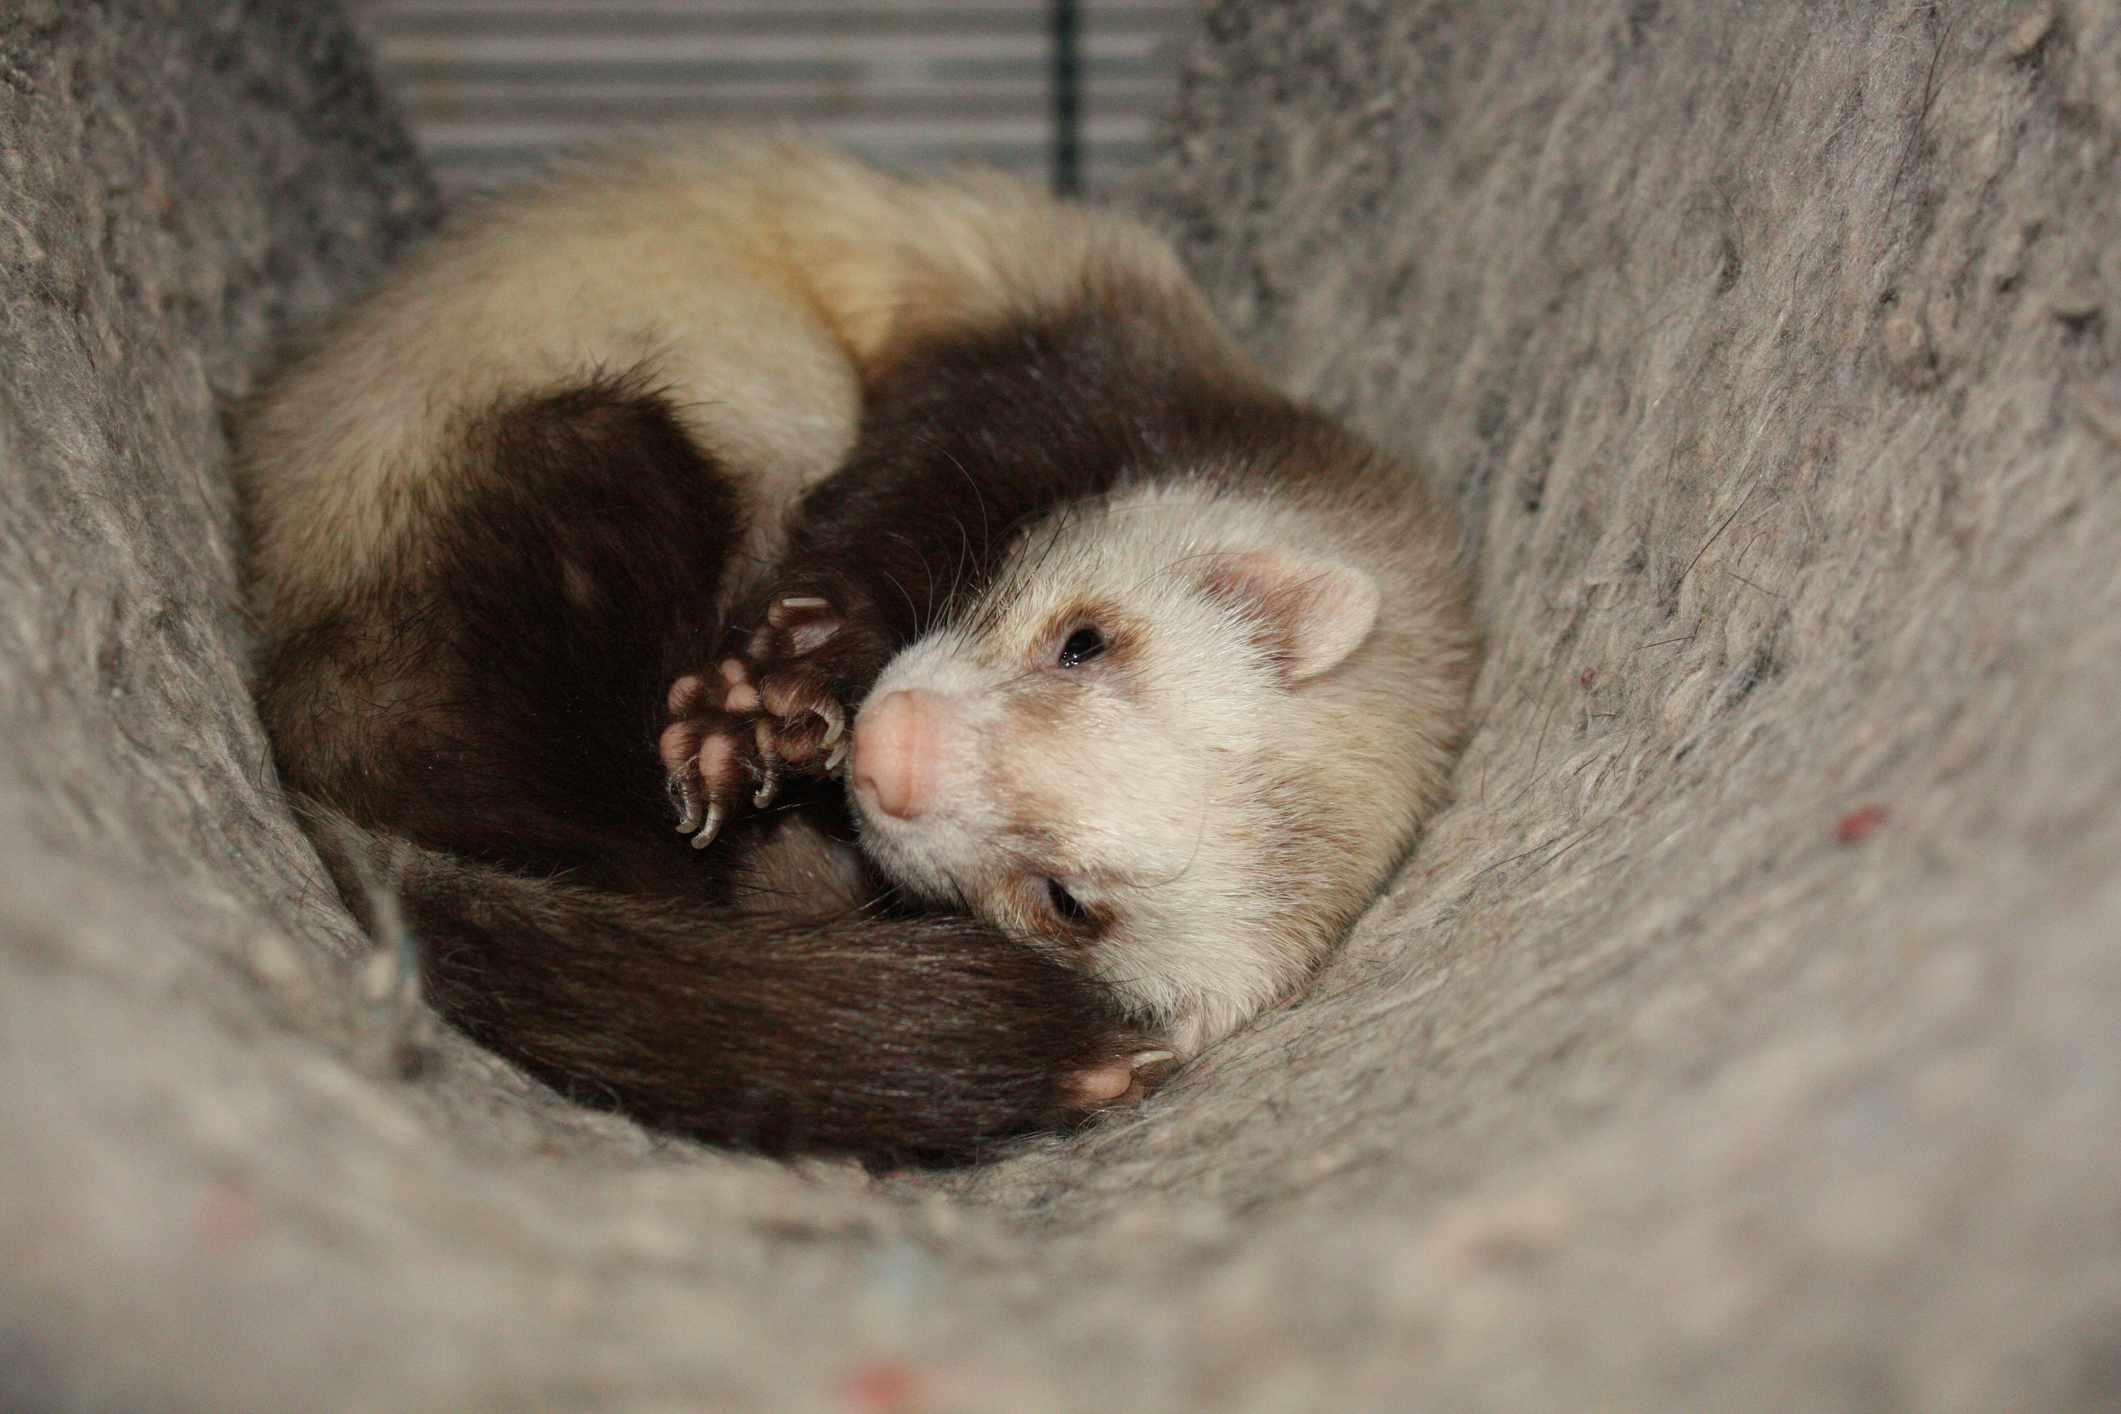 Ferret curled up